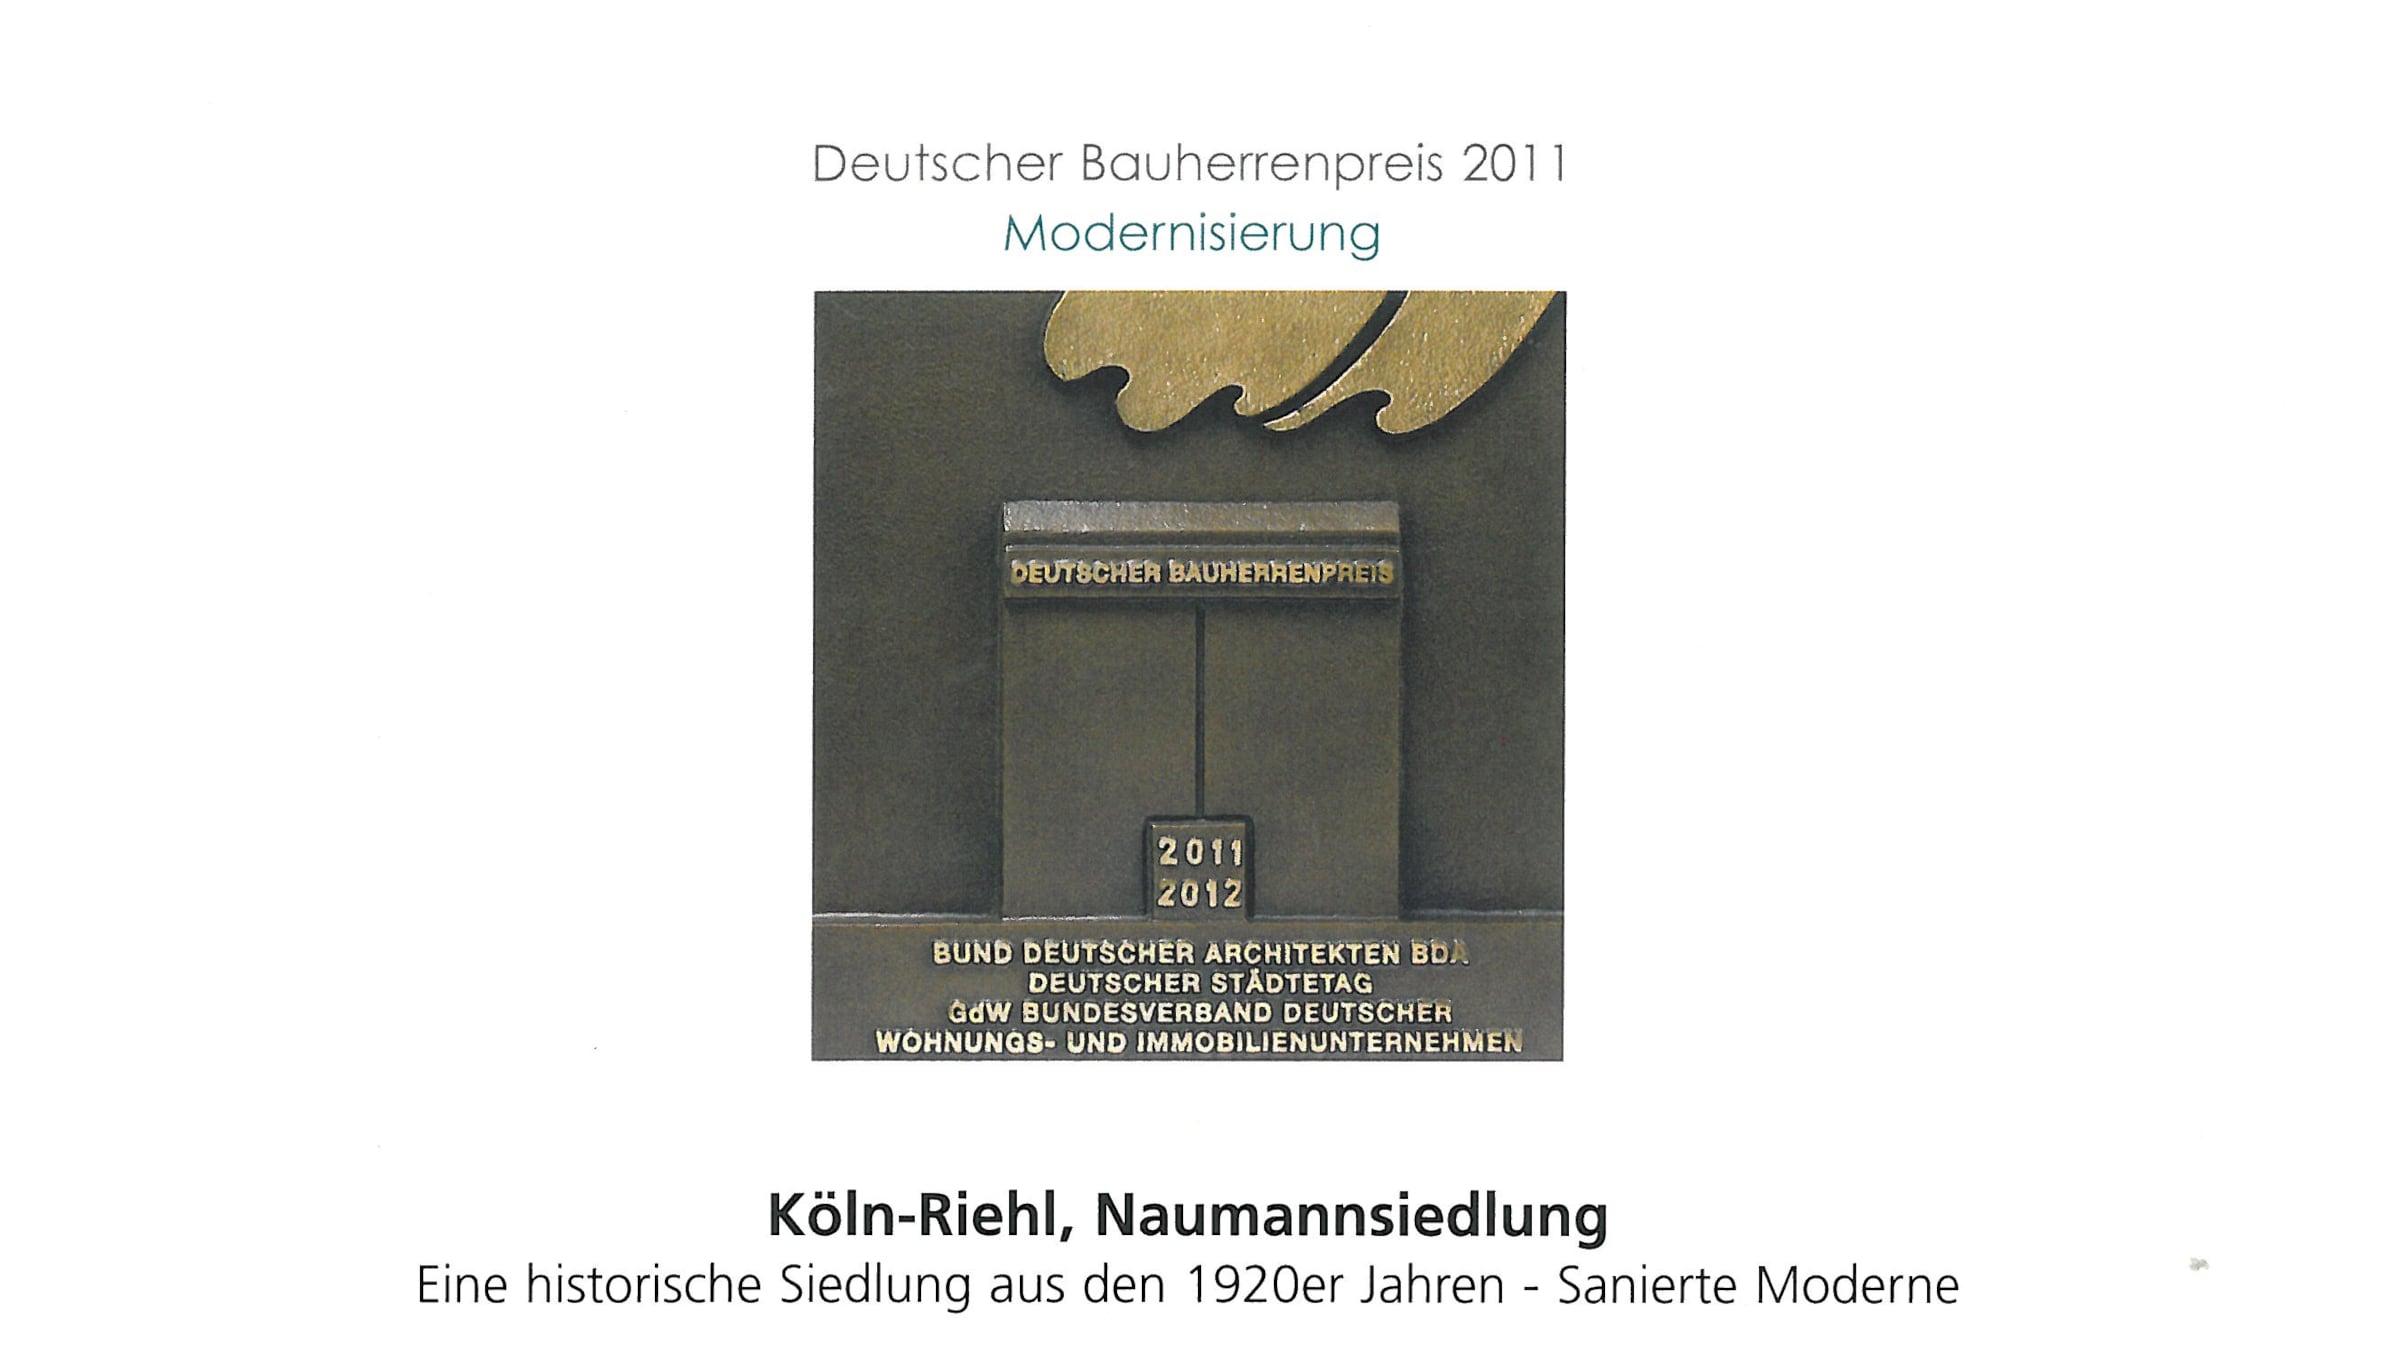 Architekt Koeln Auszeichnung Bauherrenpreis